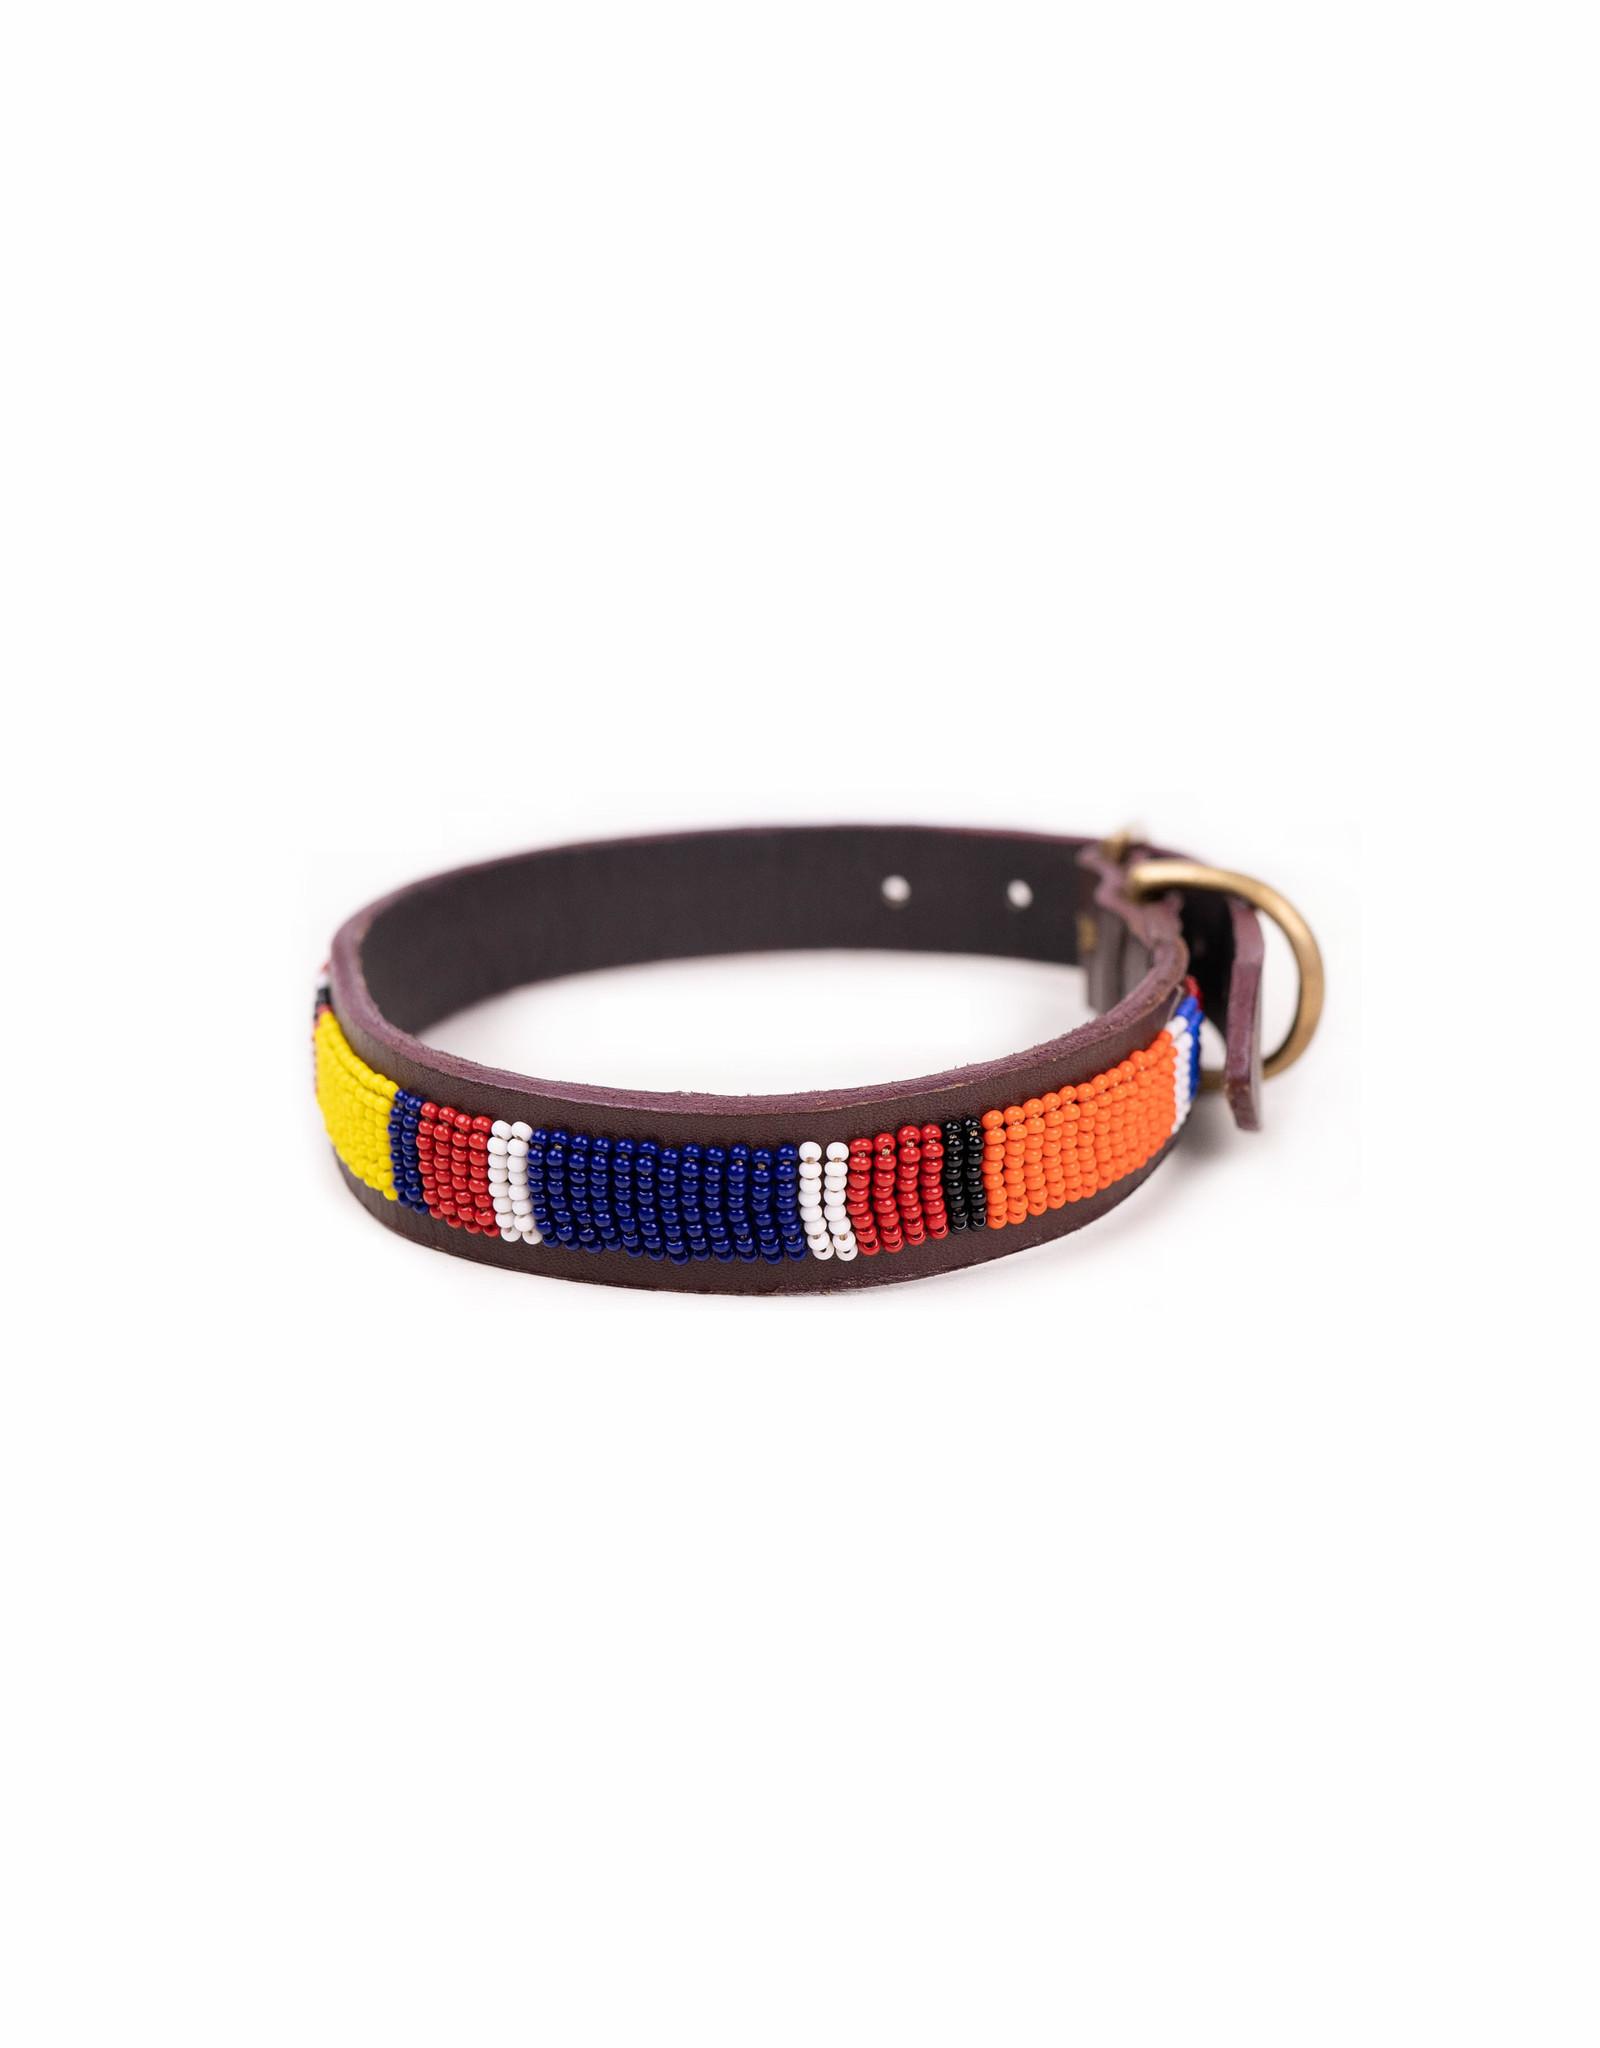 Maisha.Style Dog collar - Mondriaan on brown leather